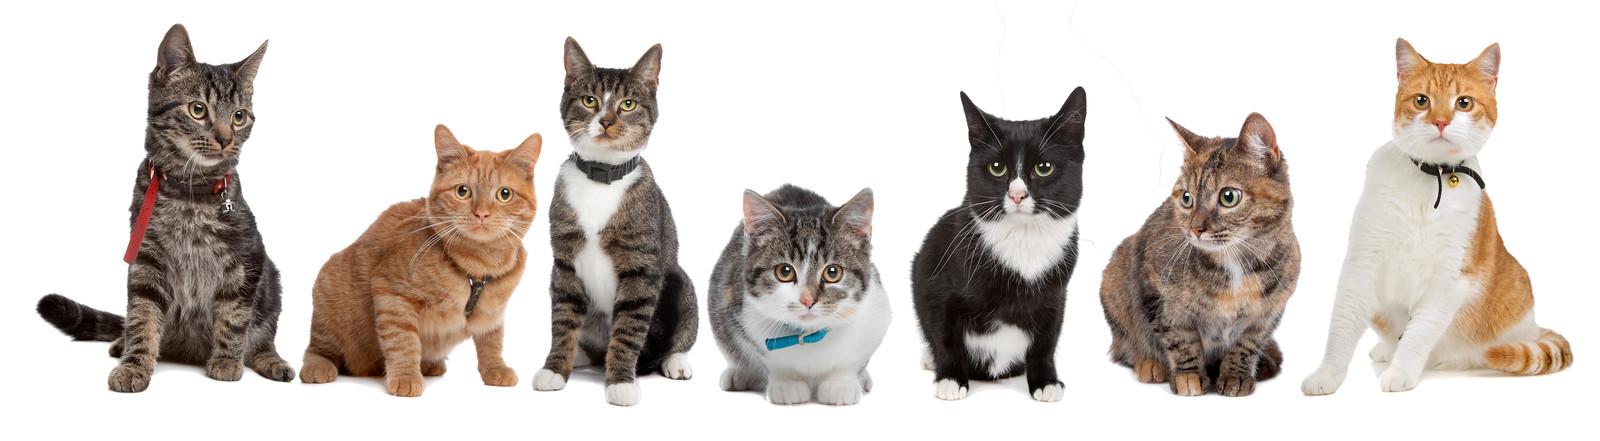 7 katten op een rijtje.